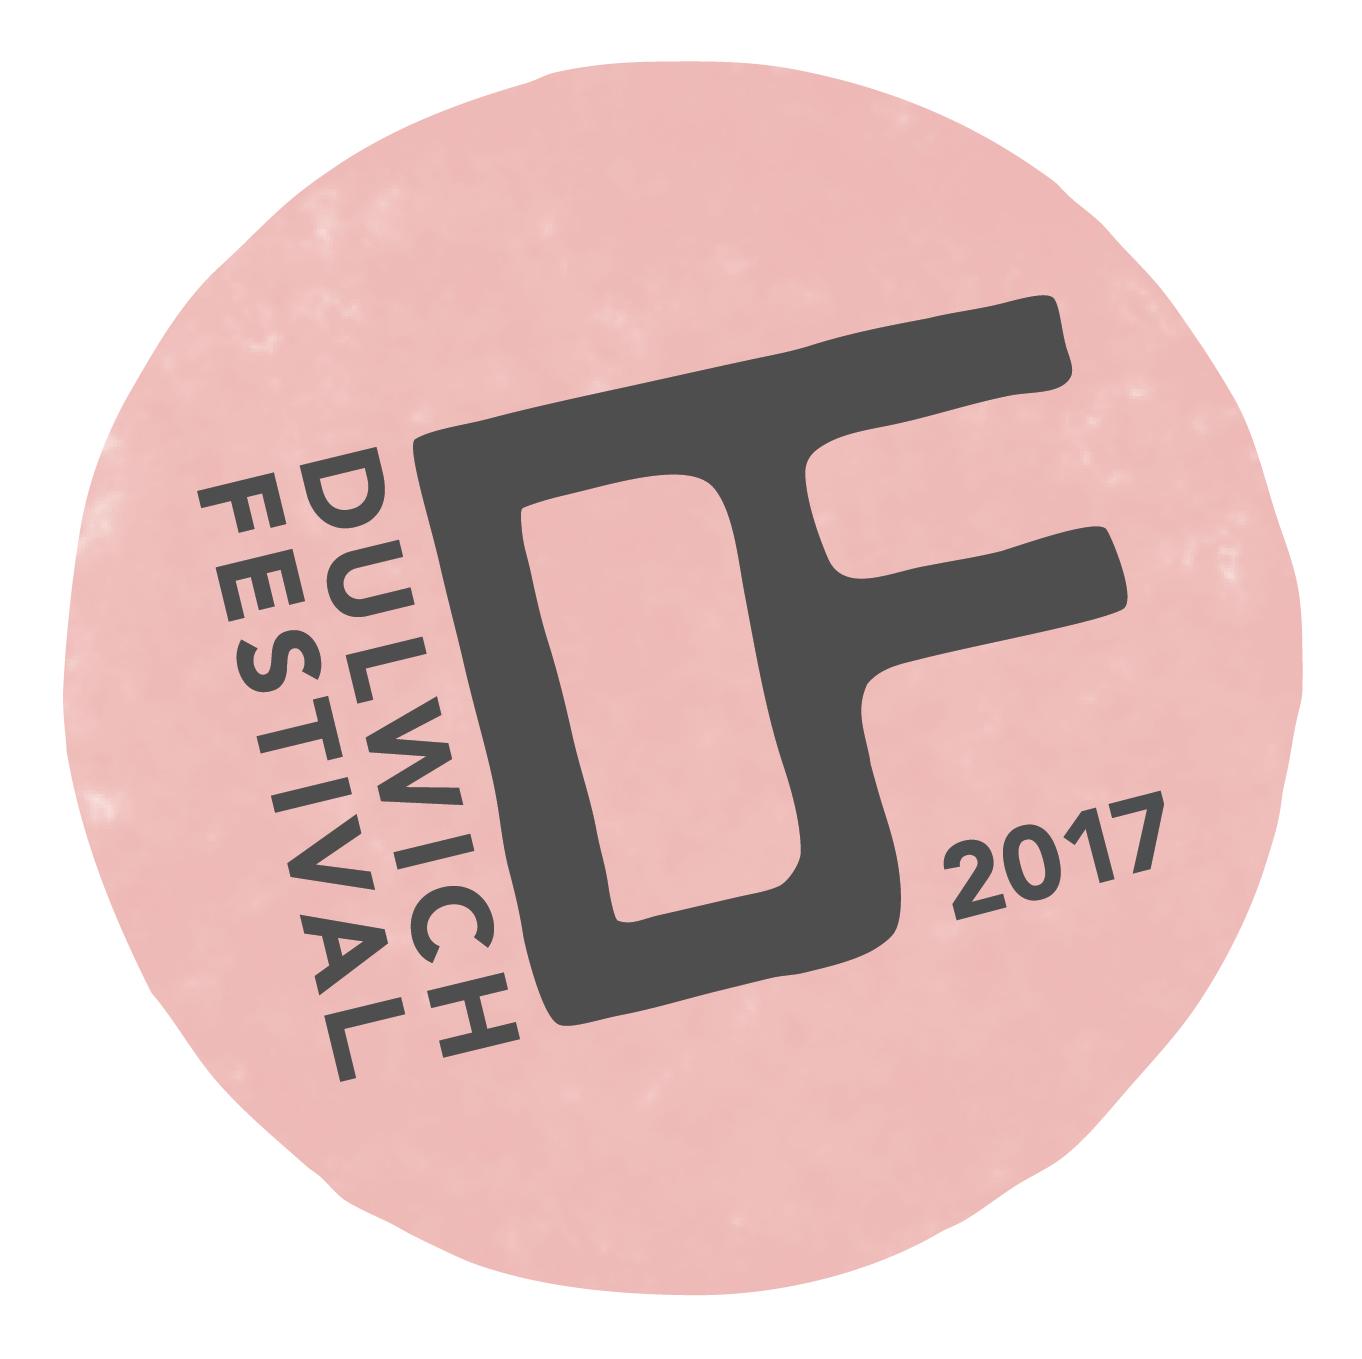 df_2017_master_rgb.png